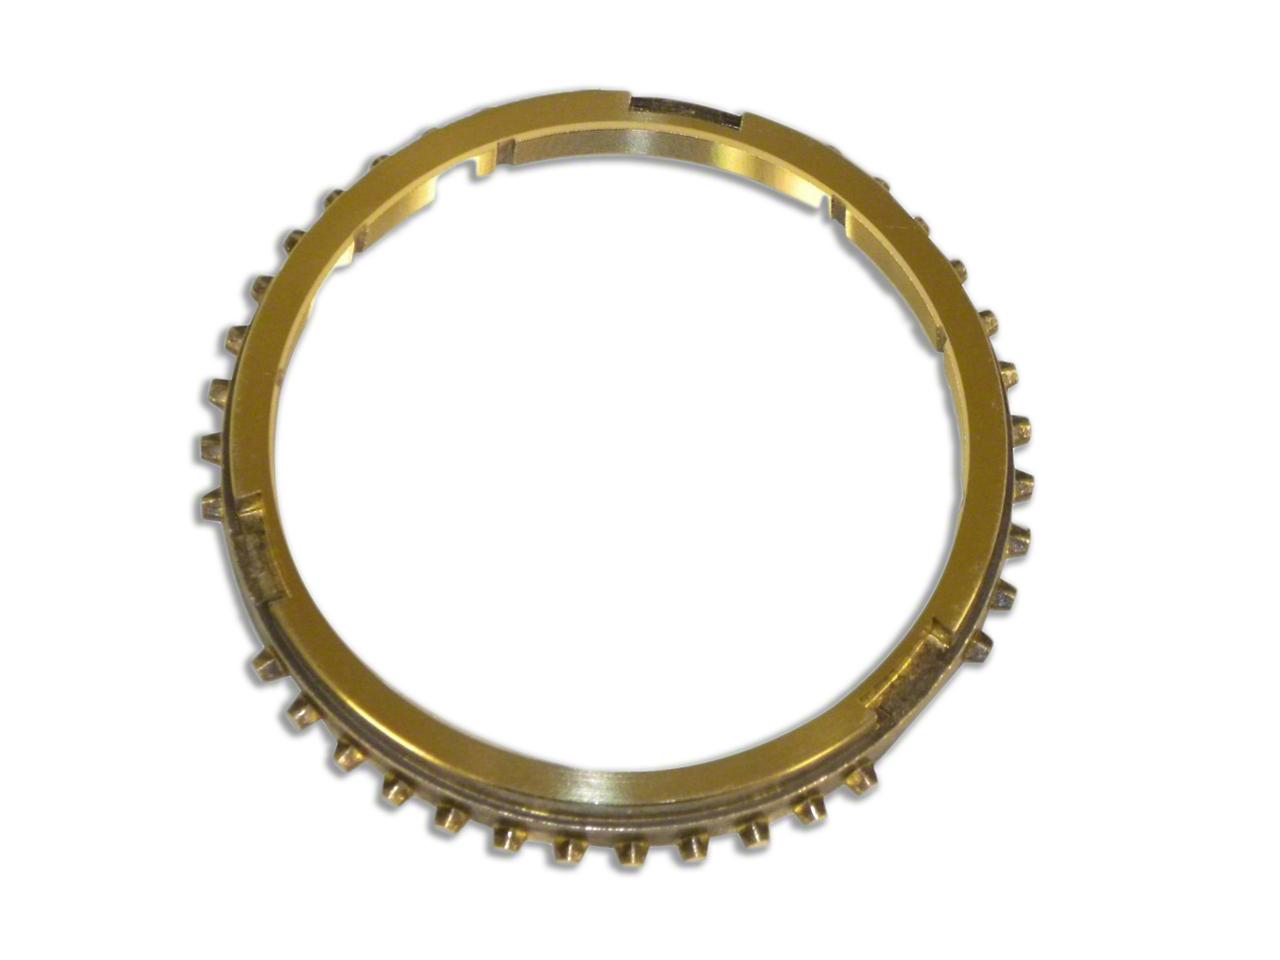 AX15 Transmission 1st & 2nd Gear Synchronizer Blocking Ring (87-02 Wrangler YJ & TJ)